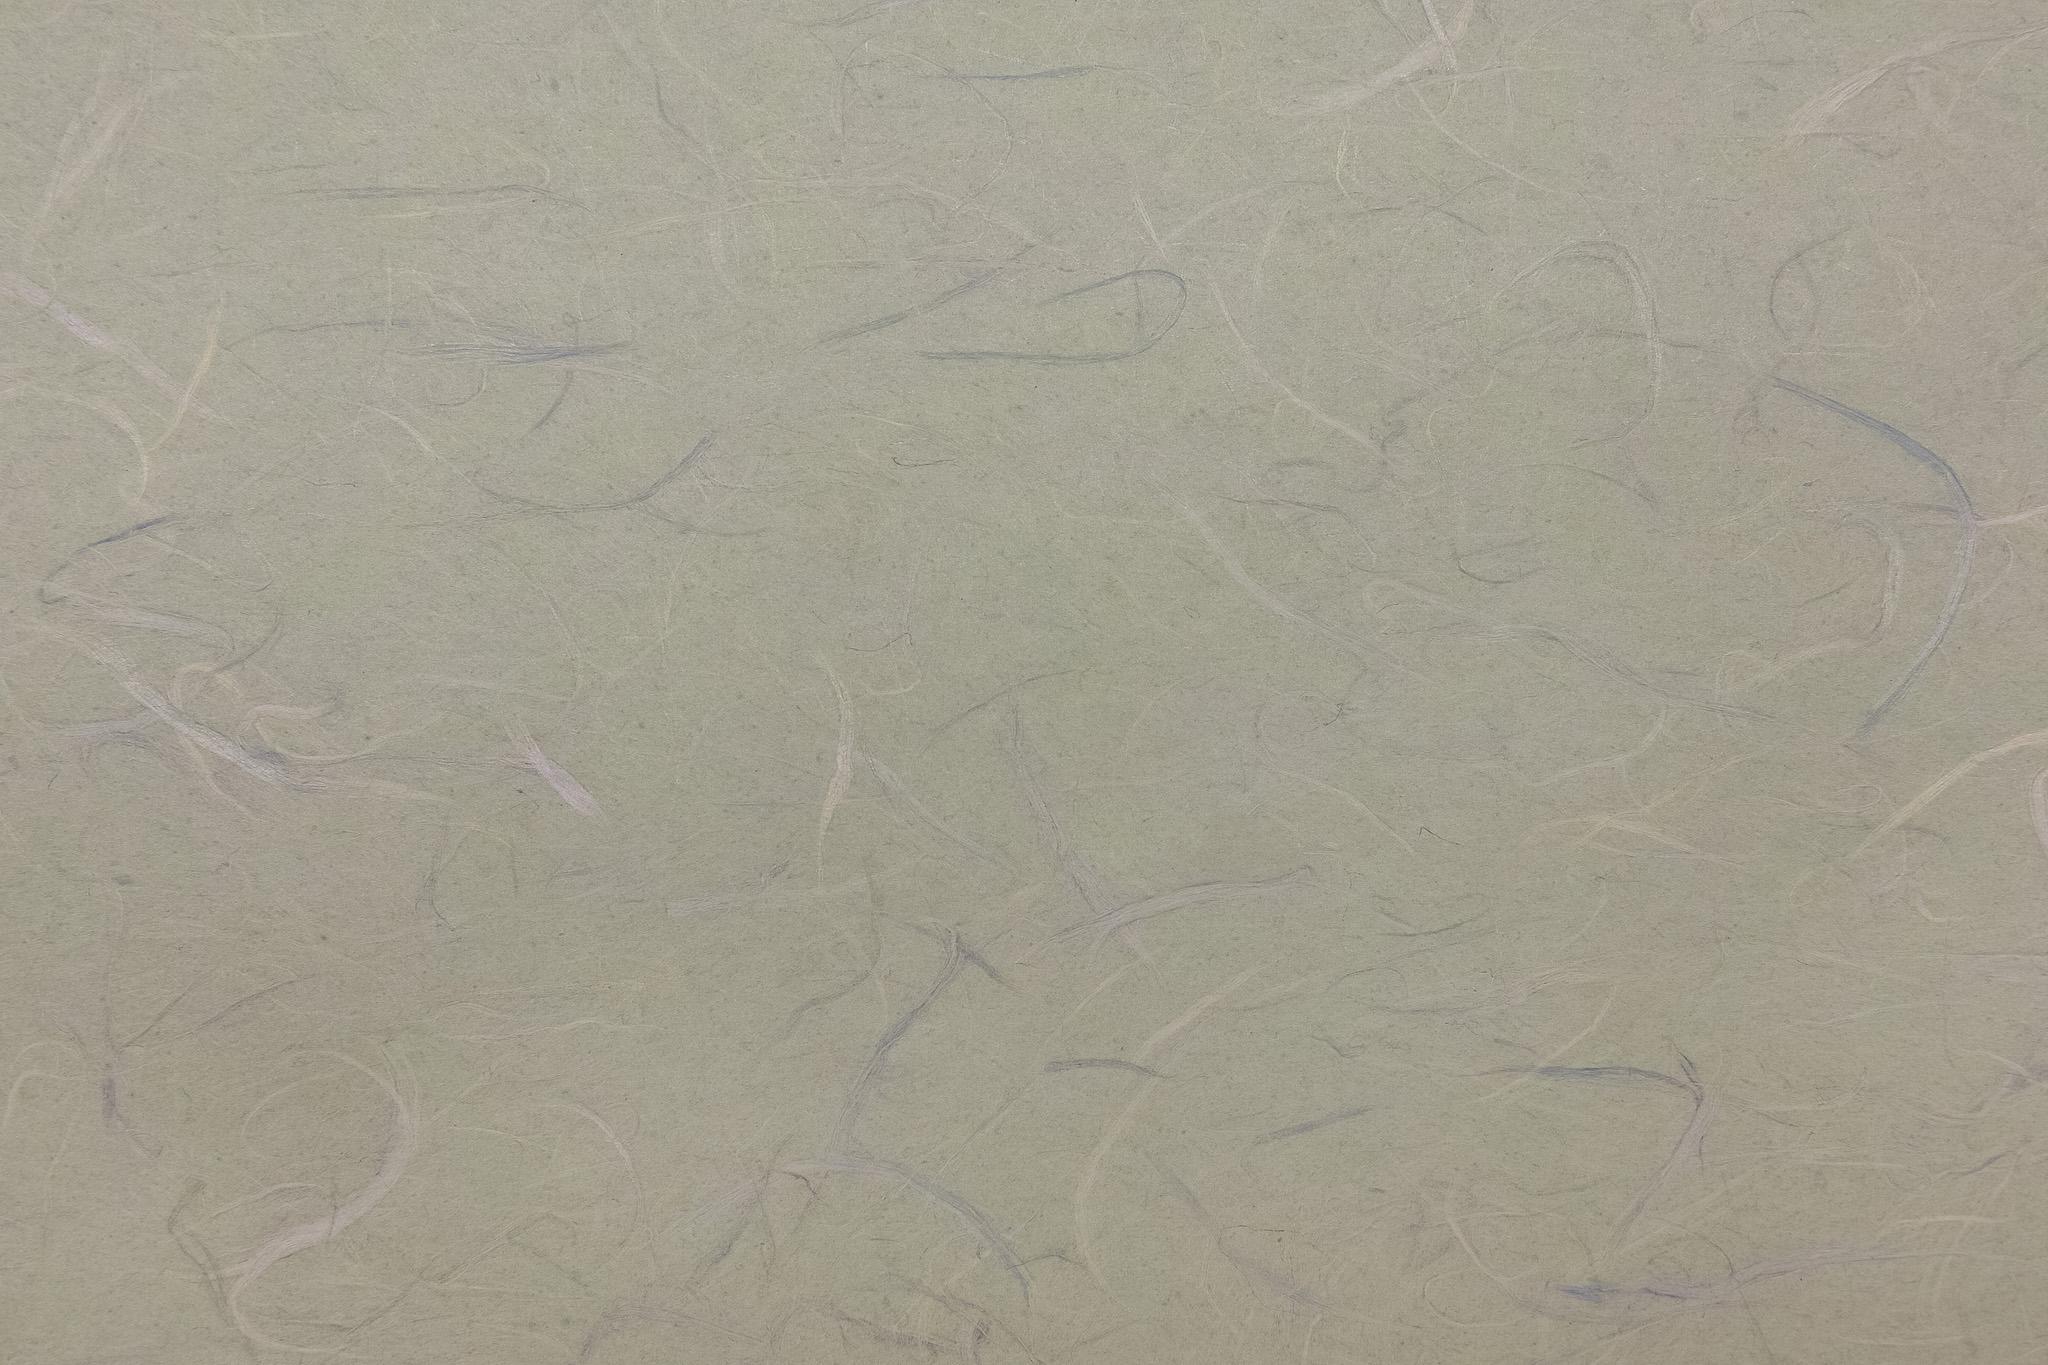 「大きな楮の繊維がある灰色の和紙」の背景を無料ダウンロード